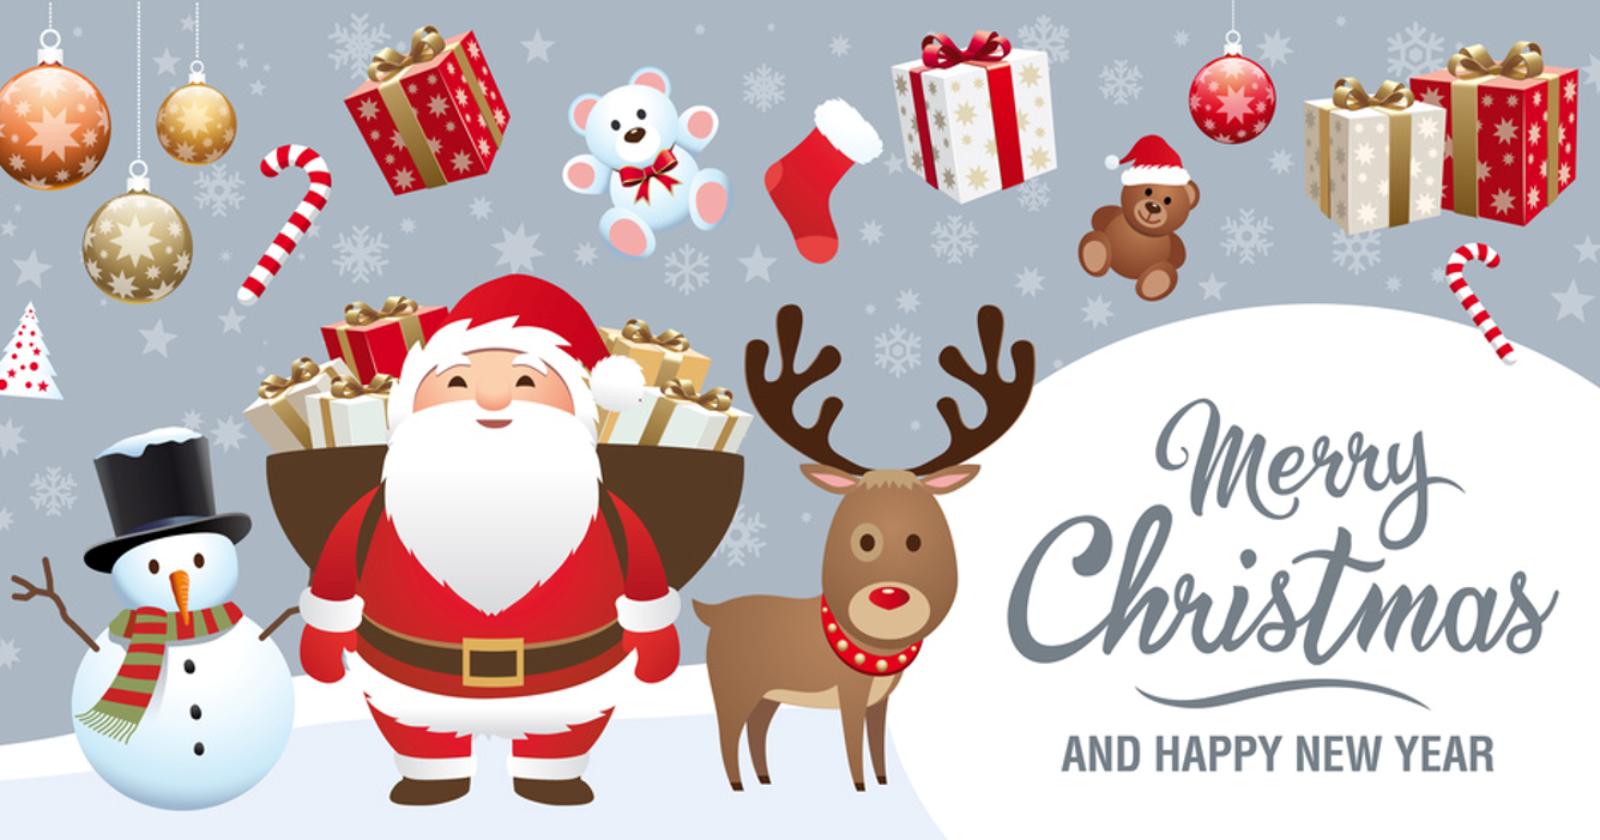 Wir wünschen Euch ein frohes Fest und einen guten Rutsch ins neue Jahr!